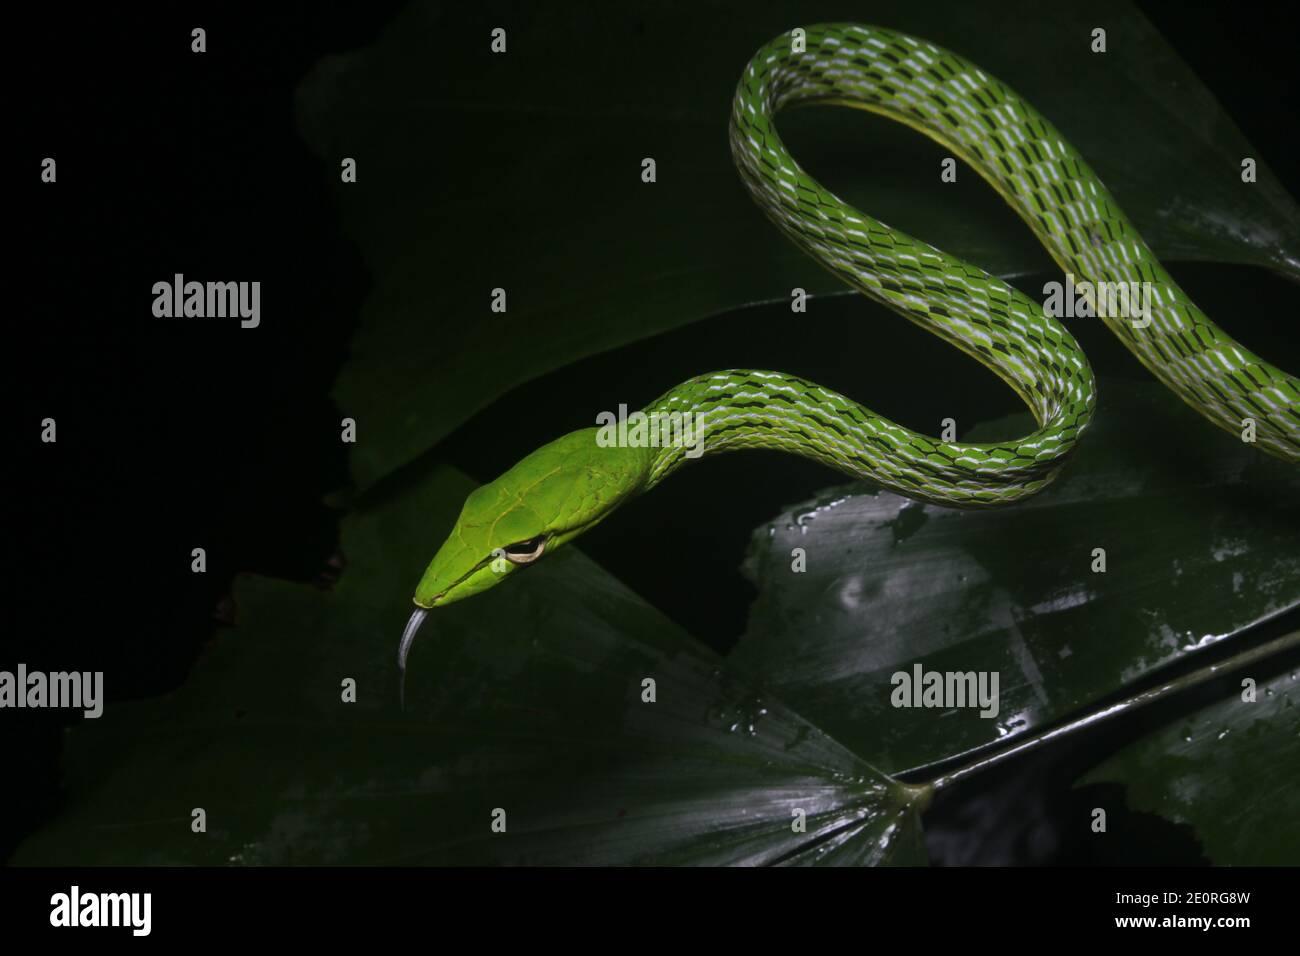 Serpiente verde sobre fondo negro - serpiente común de la vid (ahaetulla nasuta). Serpiente de la selva del sudeste asiático. Foto de stock